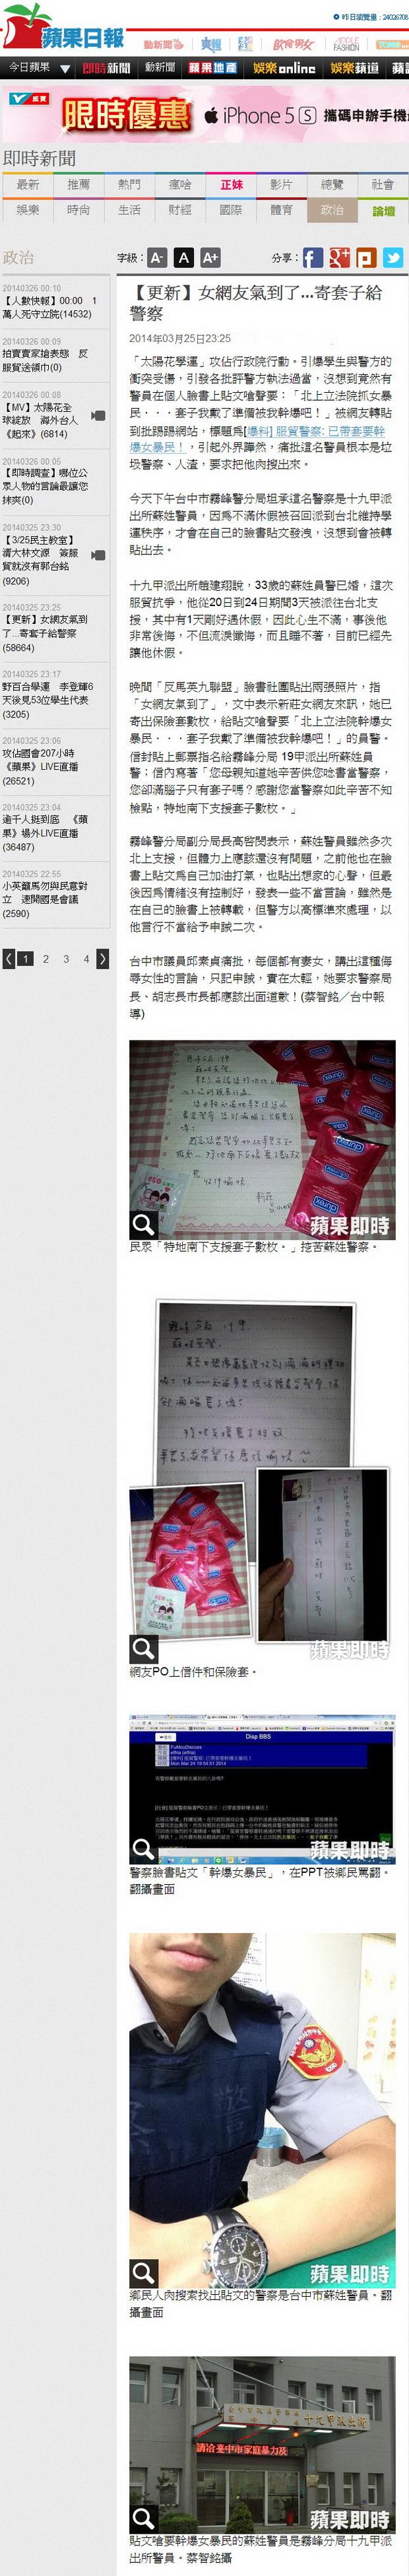 女網友氣到了...寄套子給警察-2014.03.26.jpg